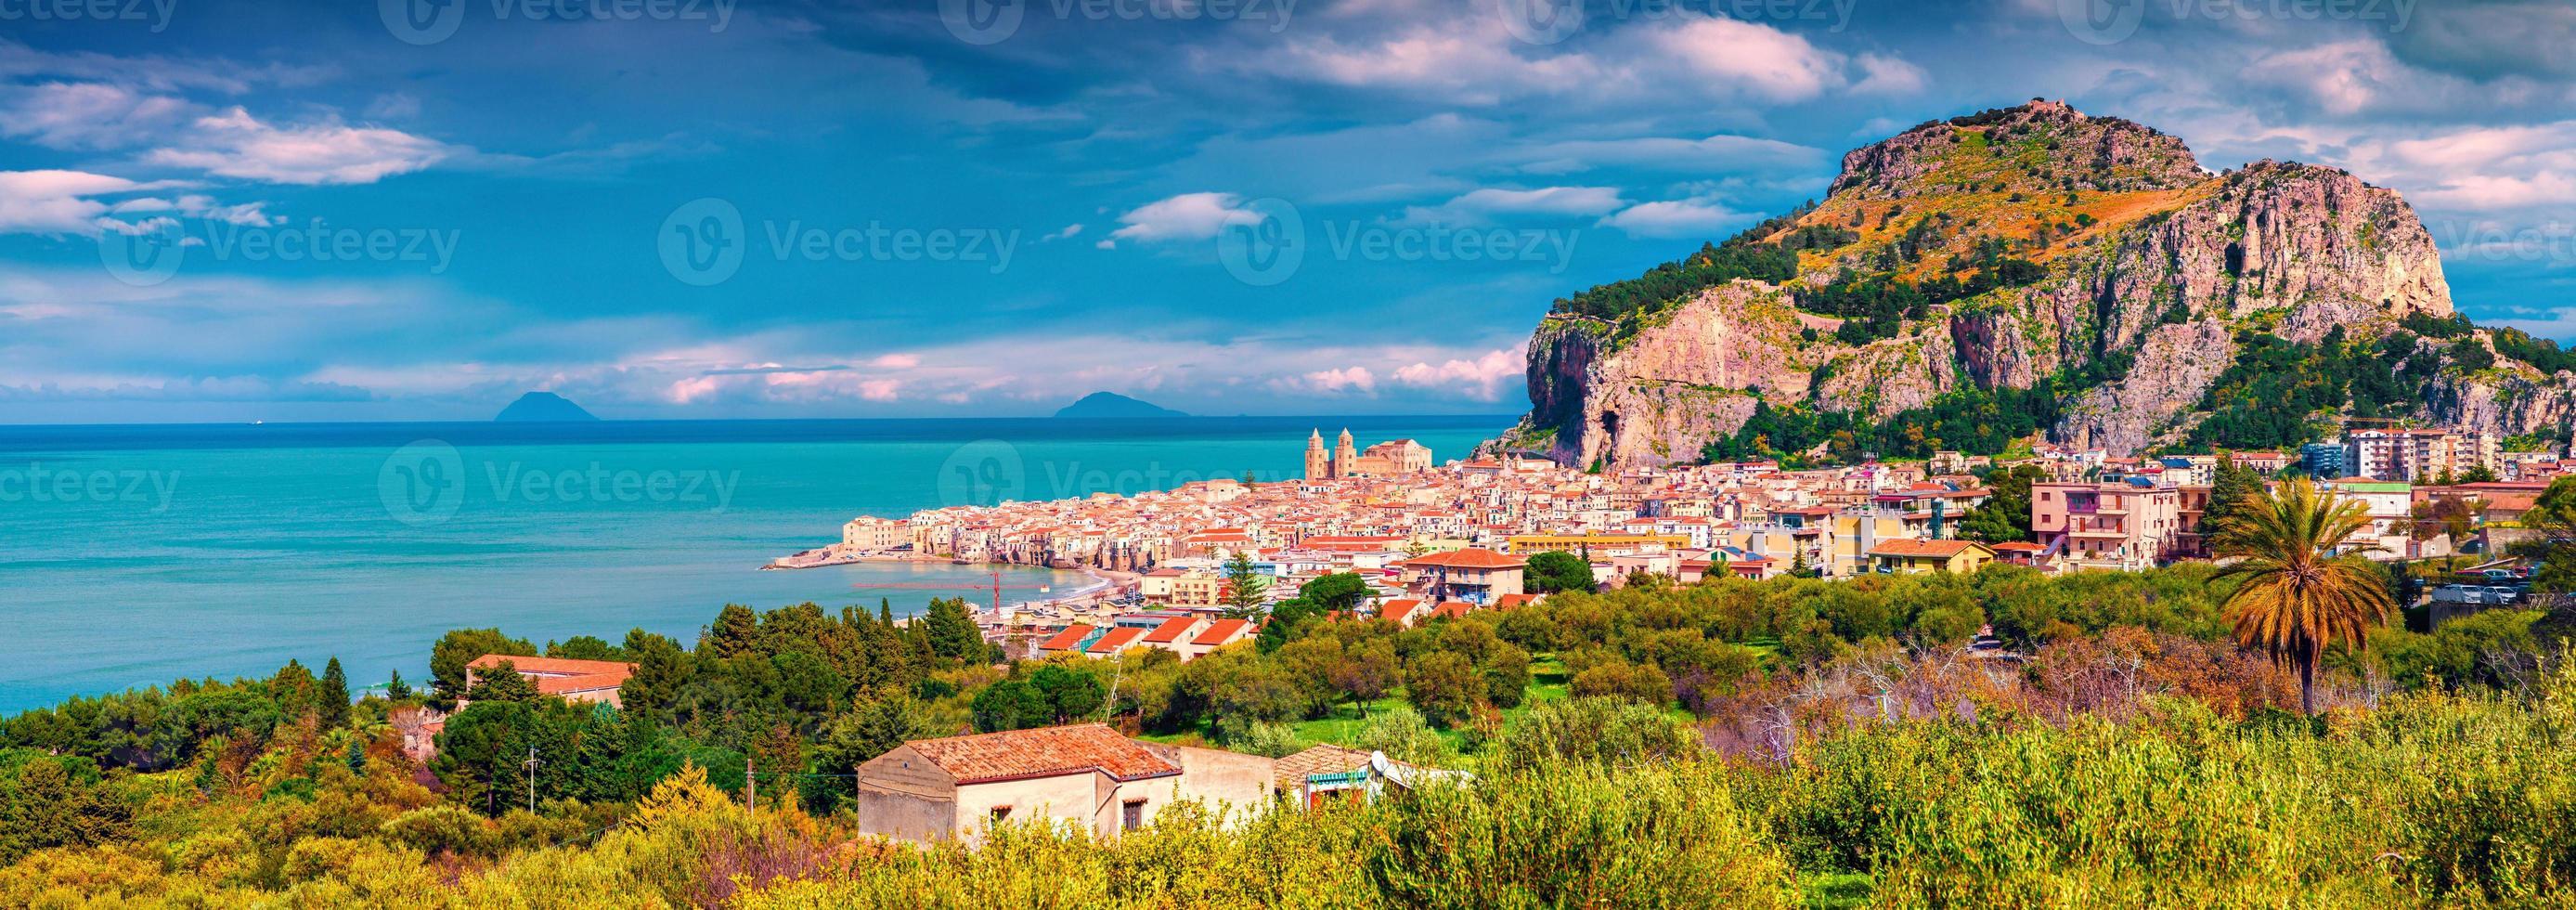 solig morgon scen av kuststaden cefalu foto